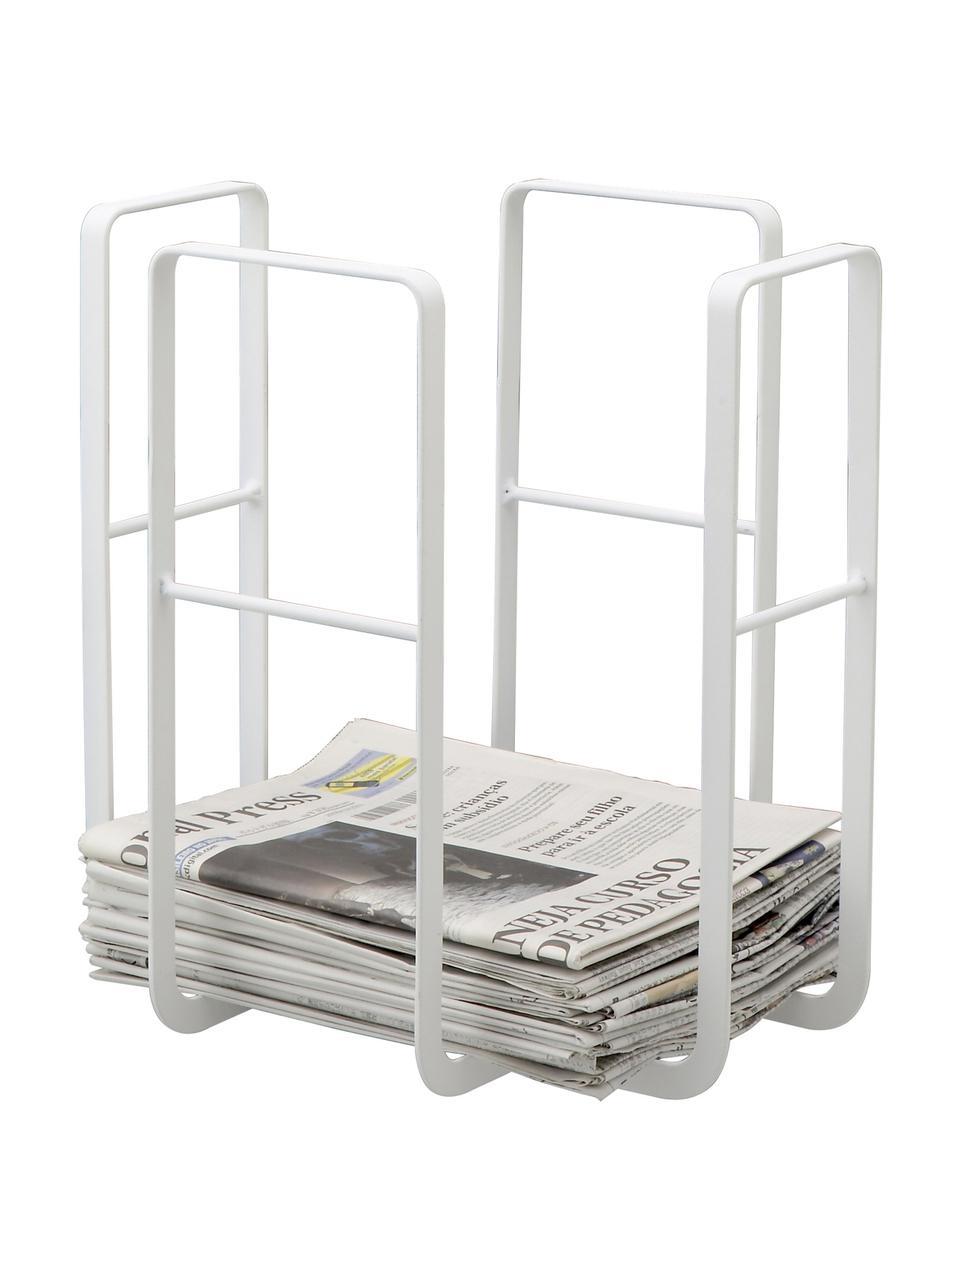 Zeitschriftenhalter Tower, Stahl, lackiert, Weiß, 35 x 35 cm